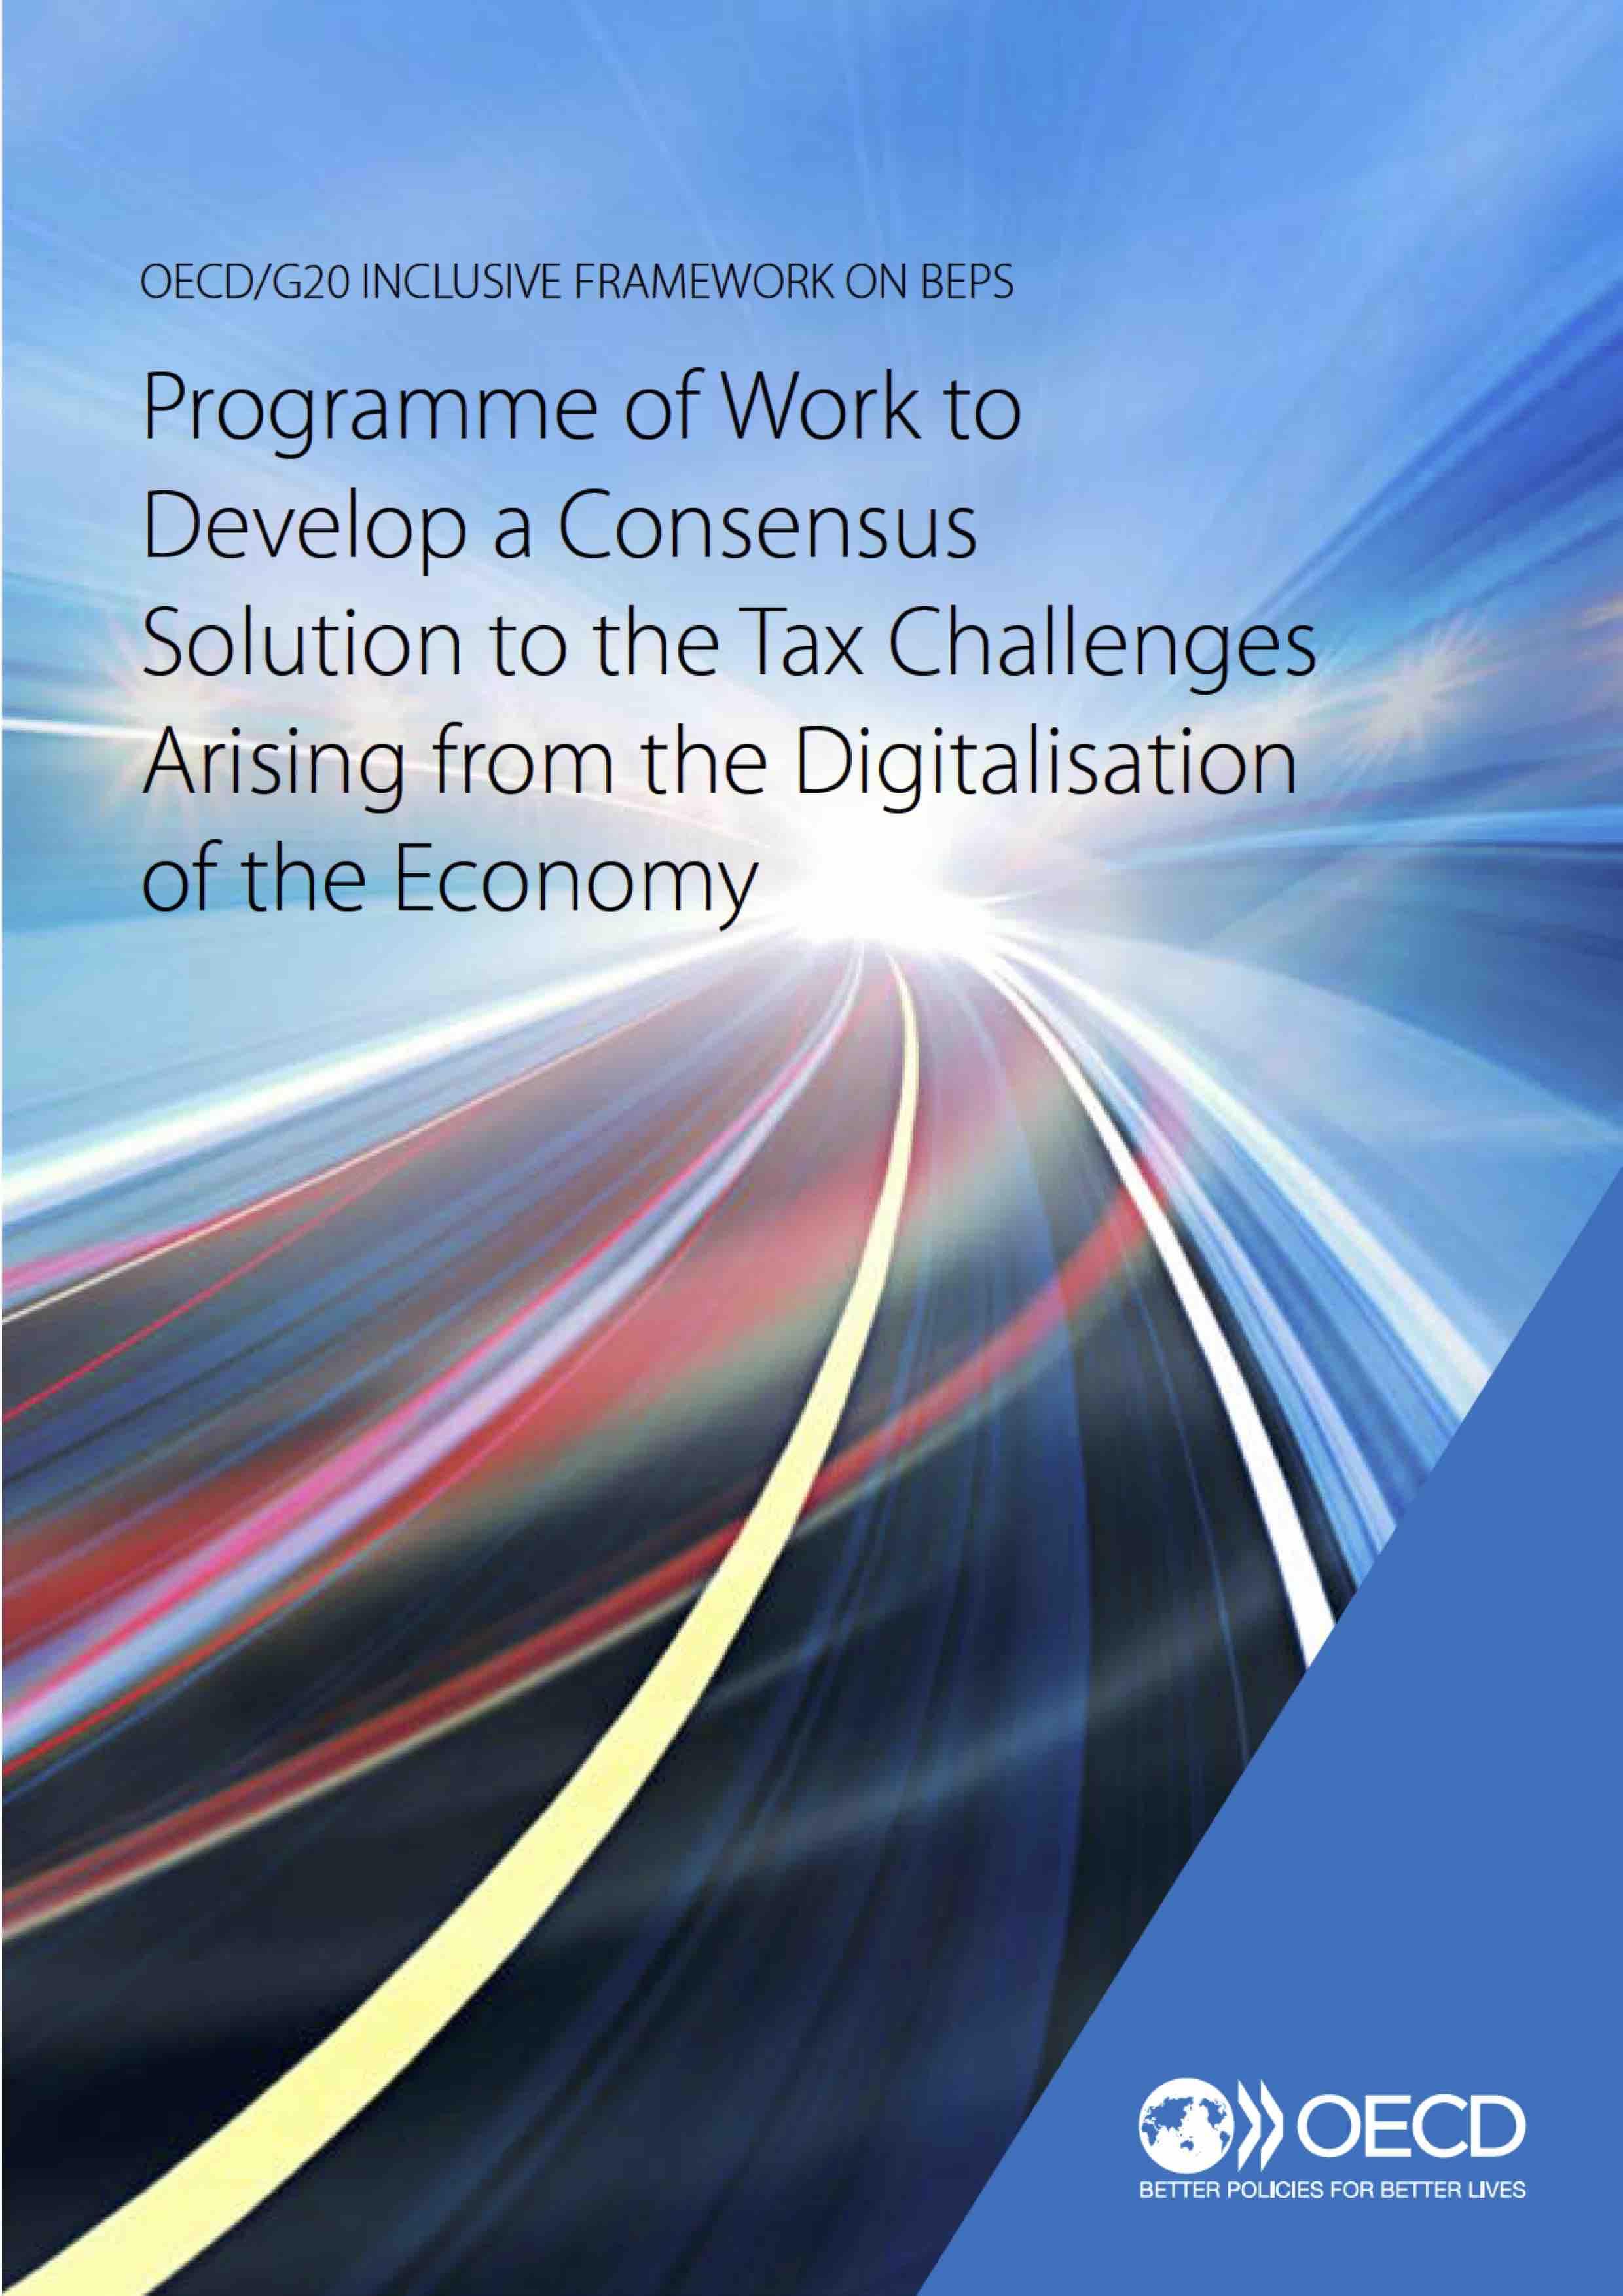 OECD programme